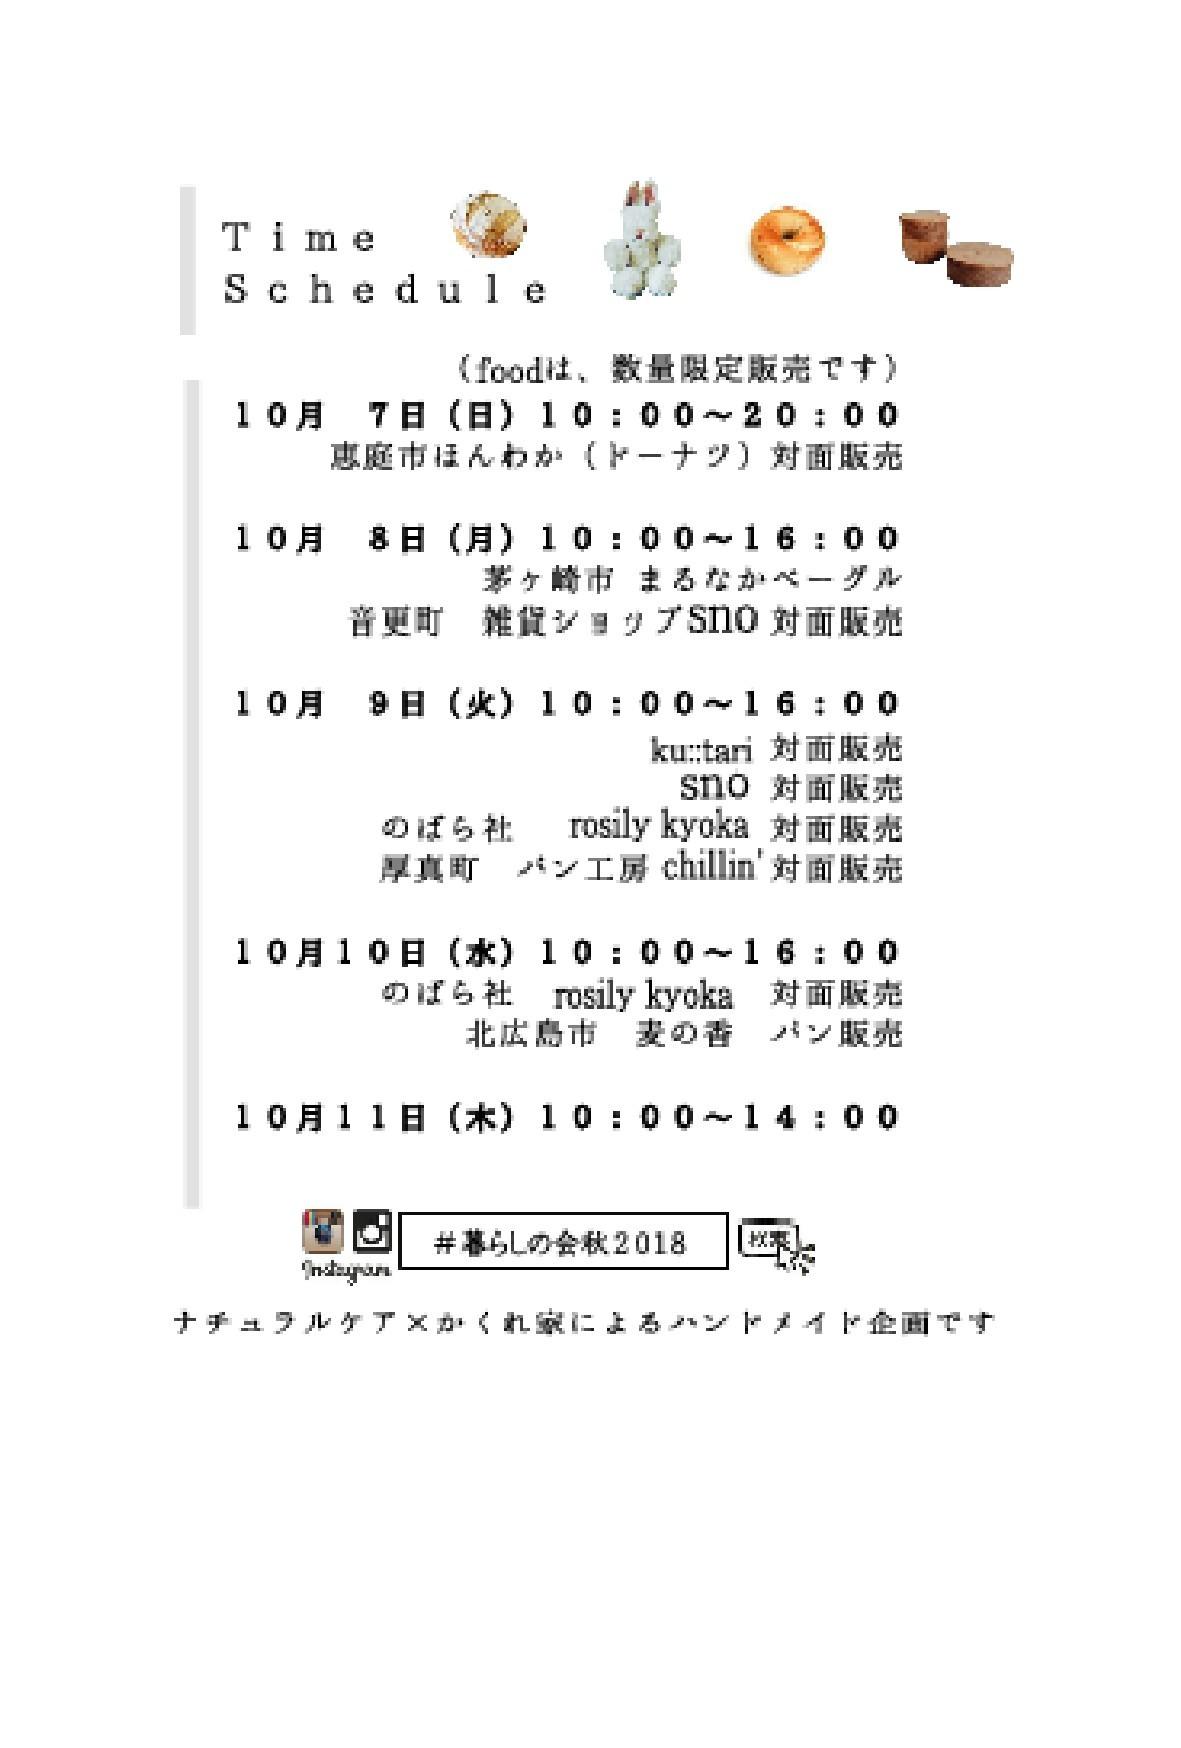 暮らしの会2018 秋  2018年10月7日~11日まで開催_f0238042_13083765.jpg